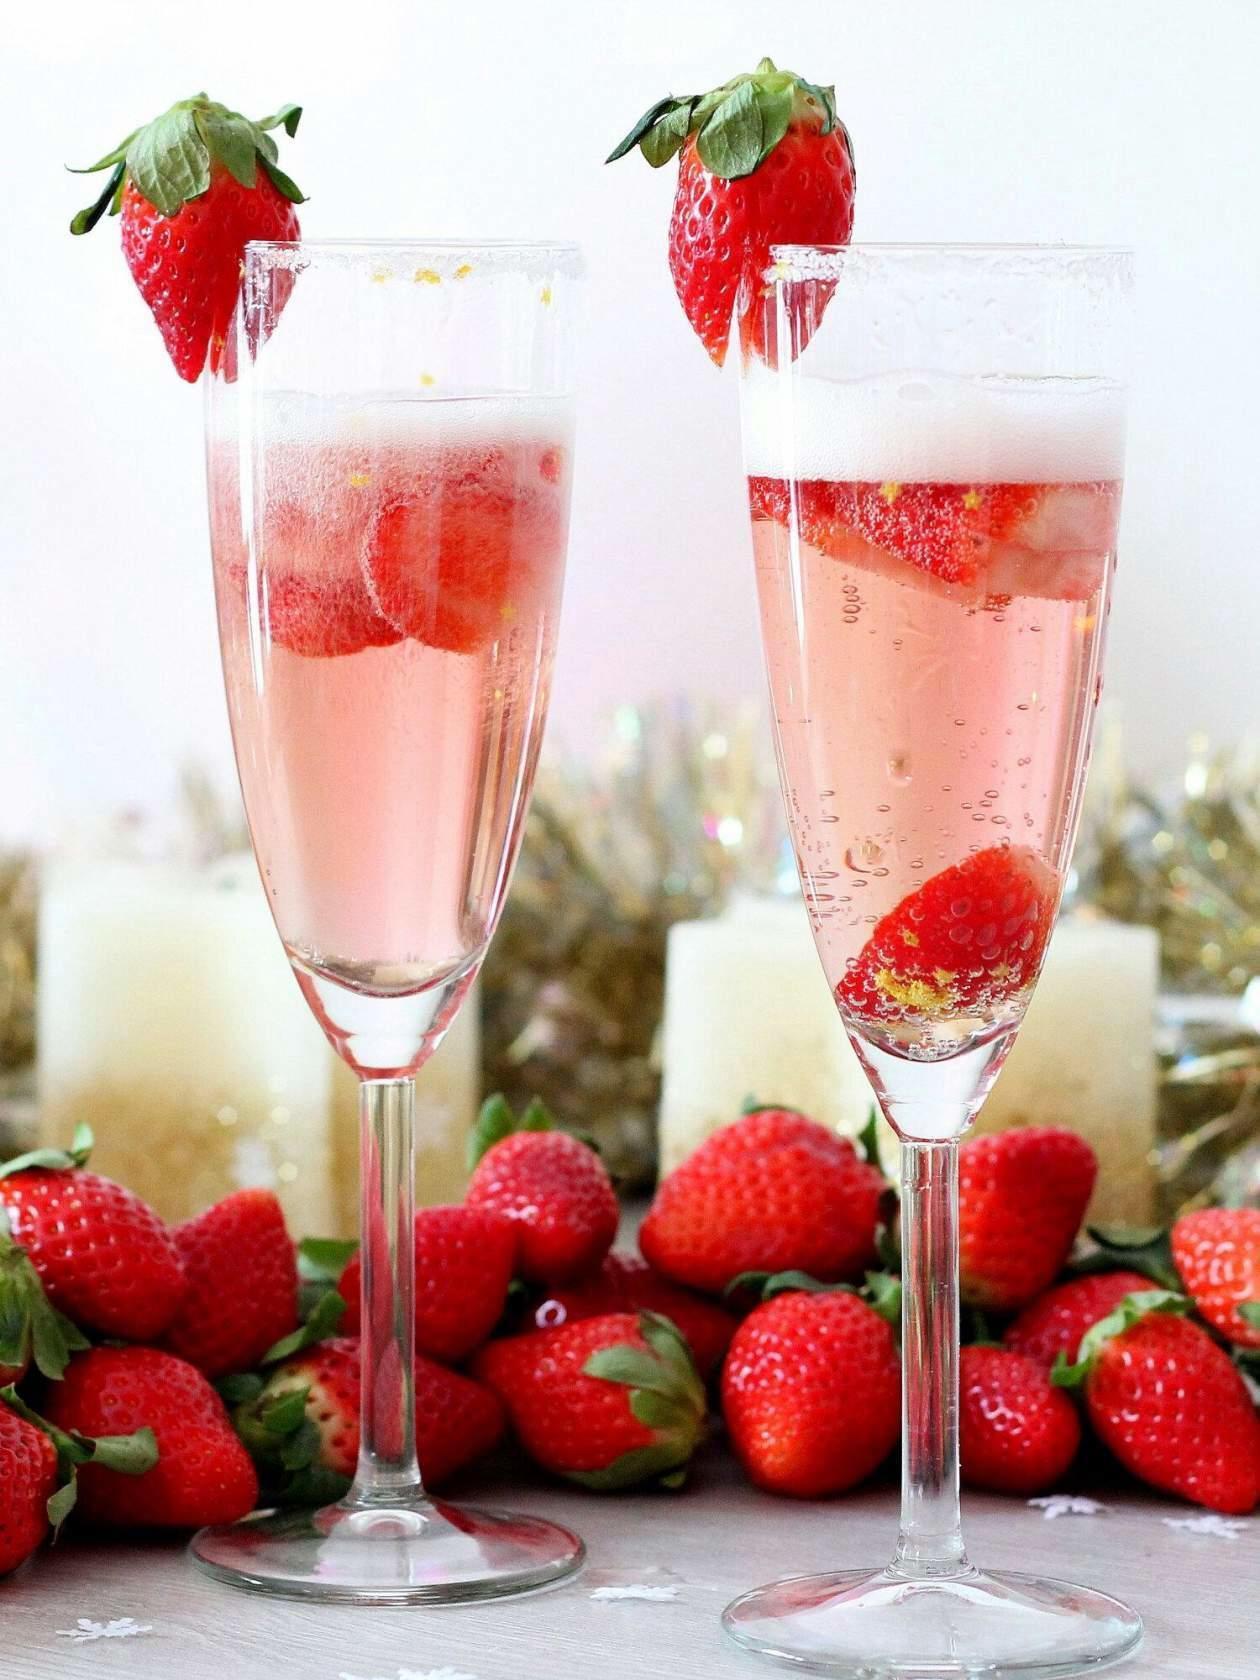 Машиной мерседес, картинка шампанское с клубникой